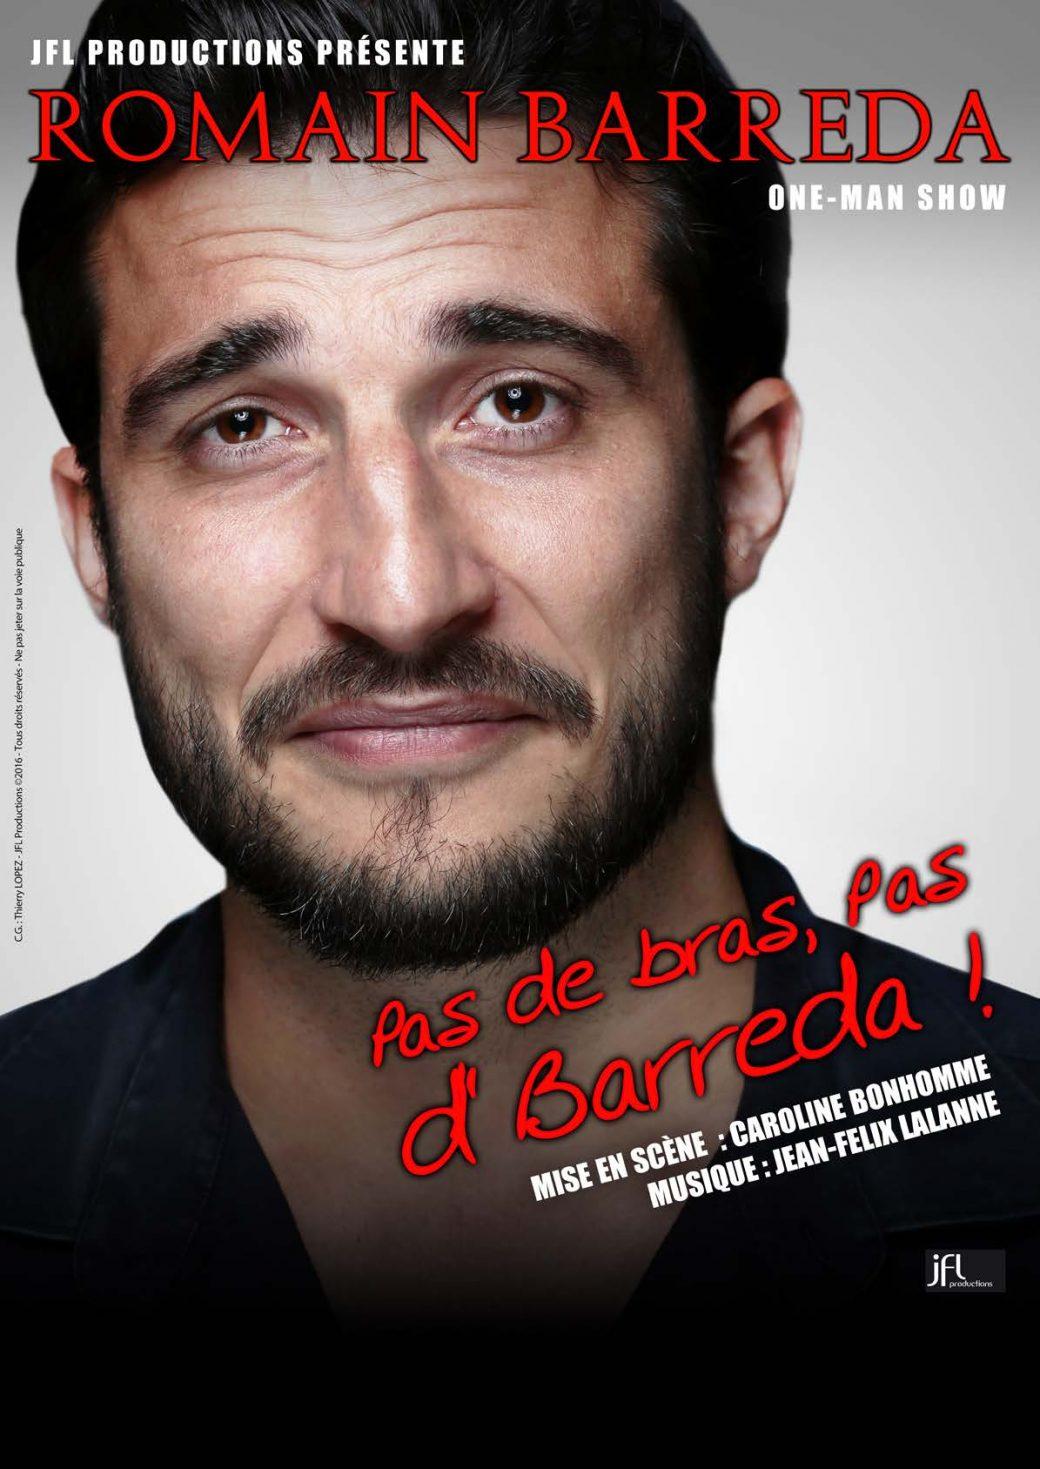 Romain Barreda, one man show, pas de bras, pas d' Barreda, Caroline Bonhomme, Jean-Félix Lalanne, JLF Productions, humour, humoriste